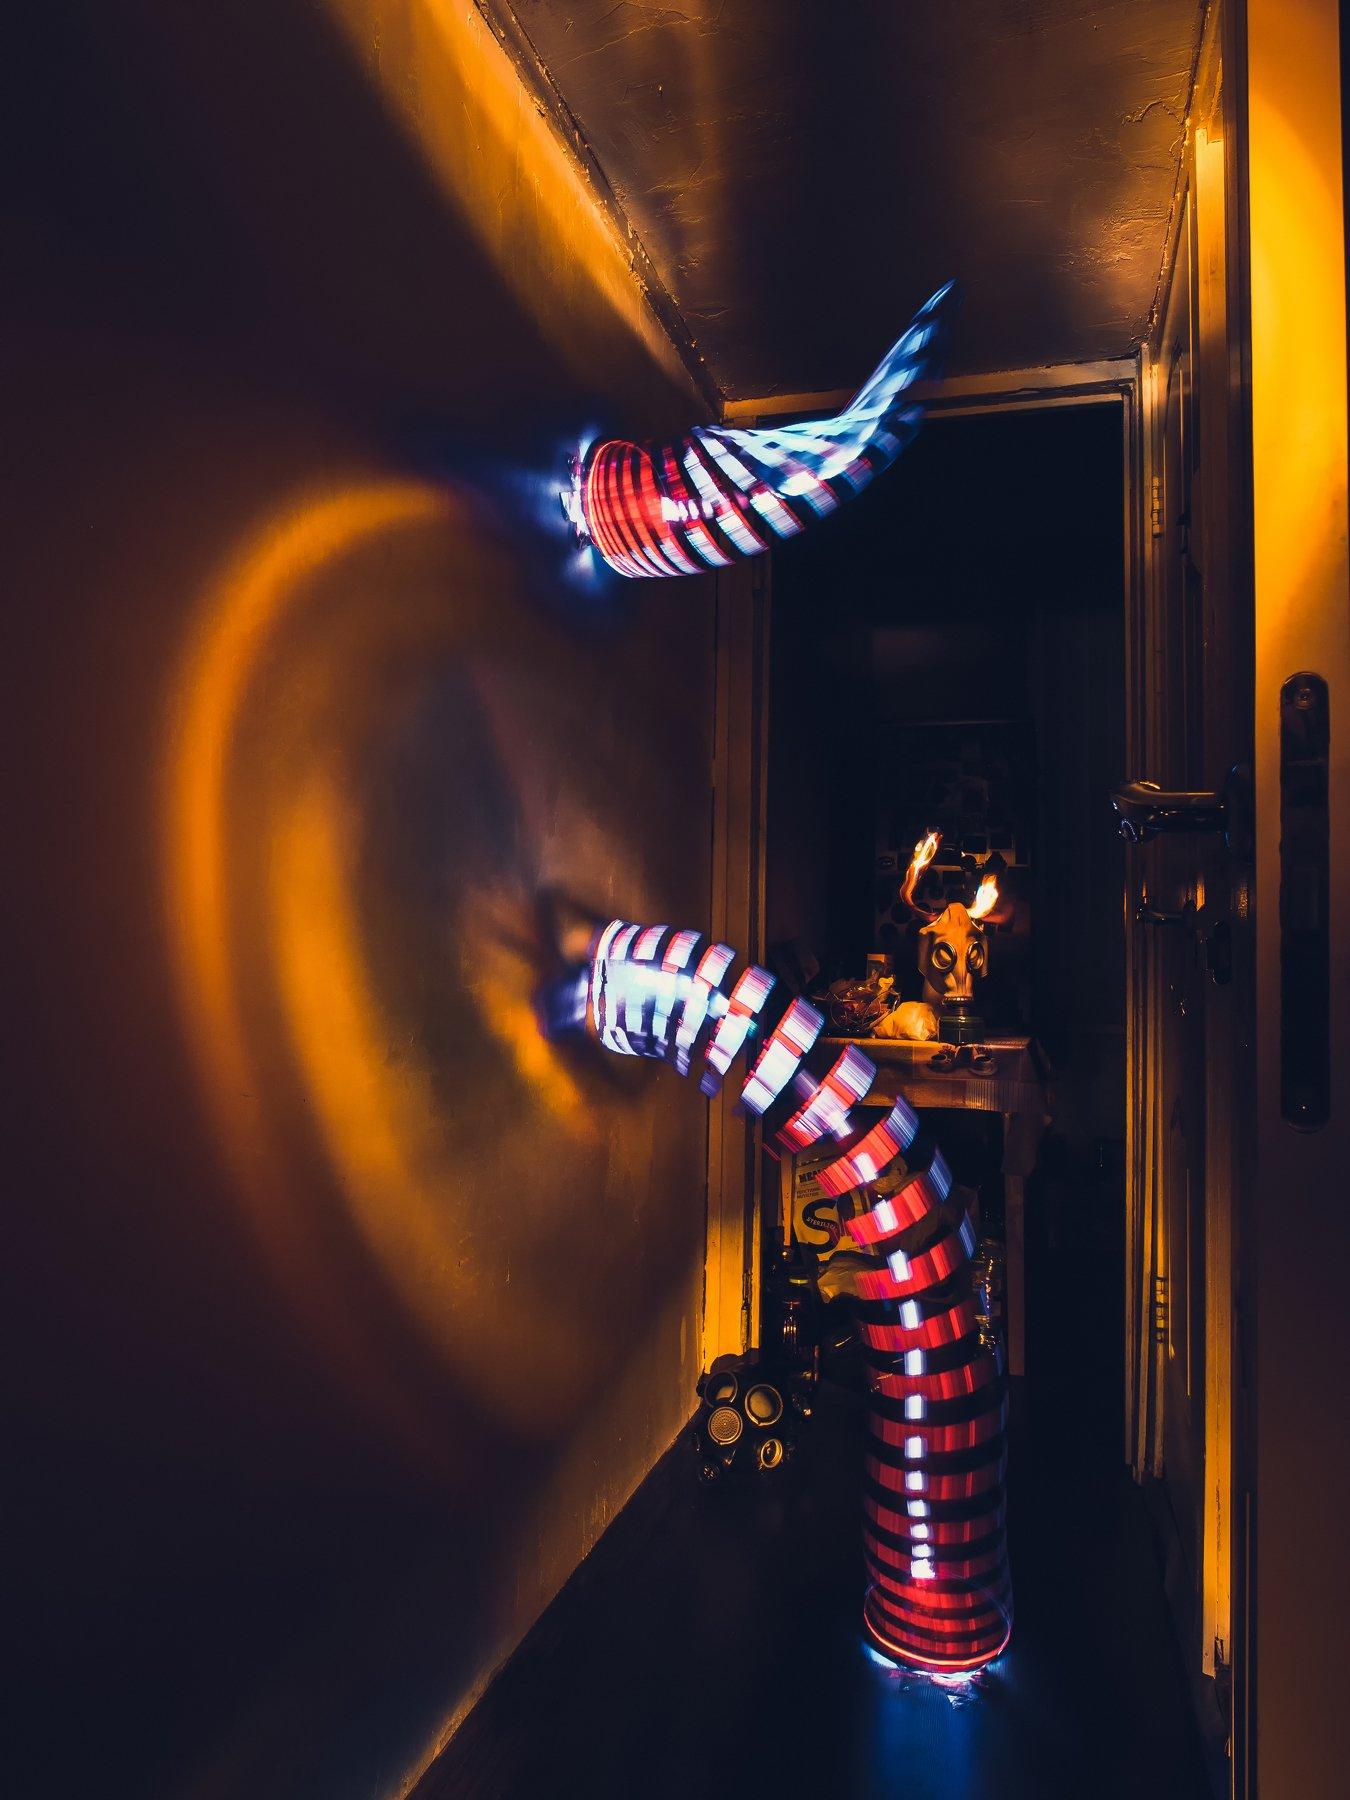 lightpainting lightart longexposure nightphotography light night lightblade, Требухин Николай